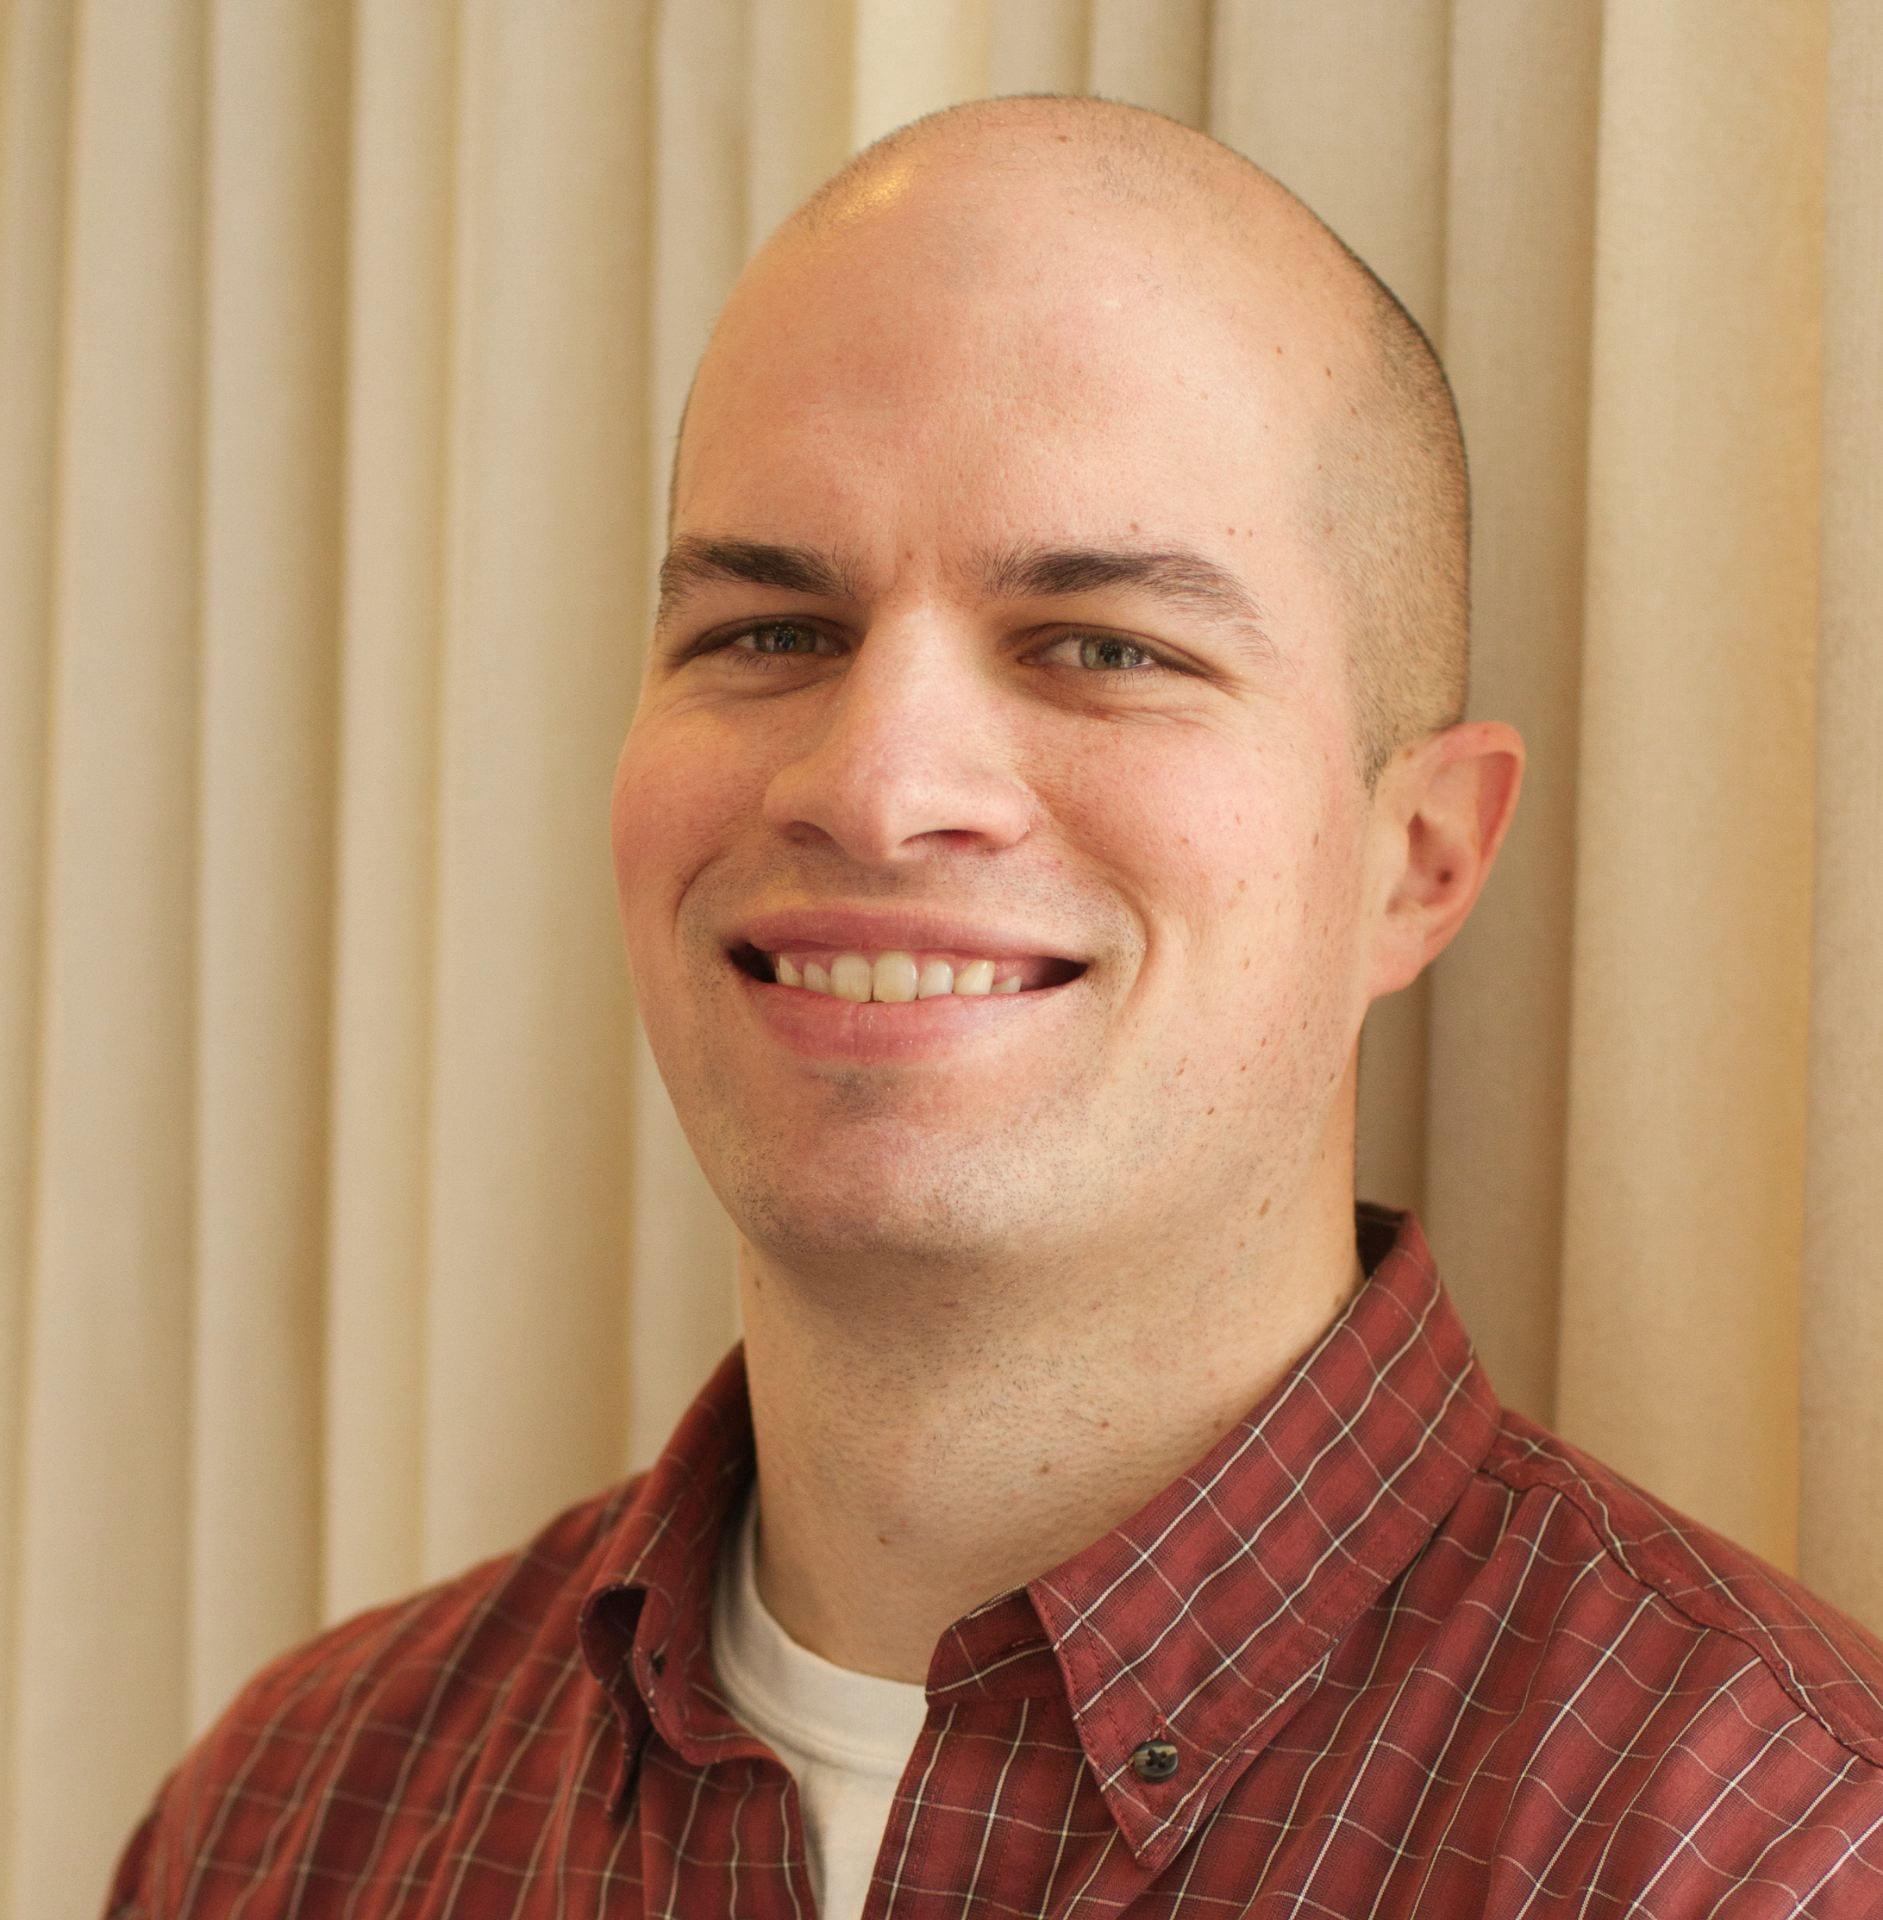 Nick Swinehart headshot